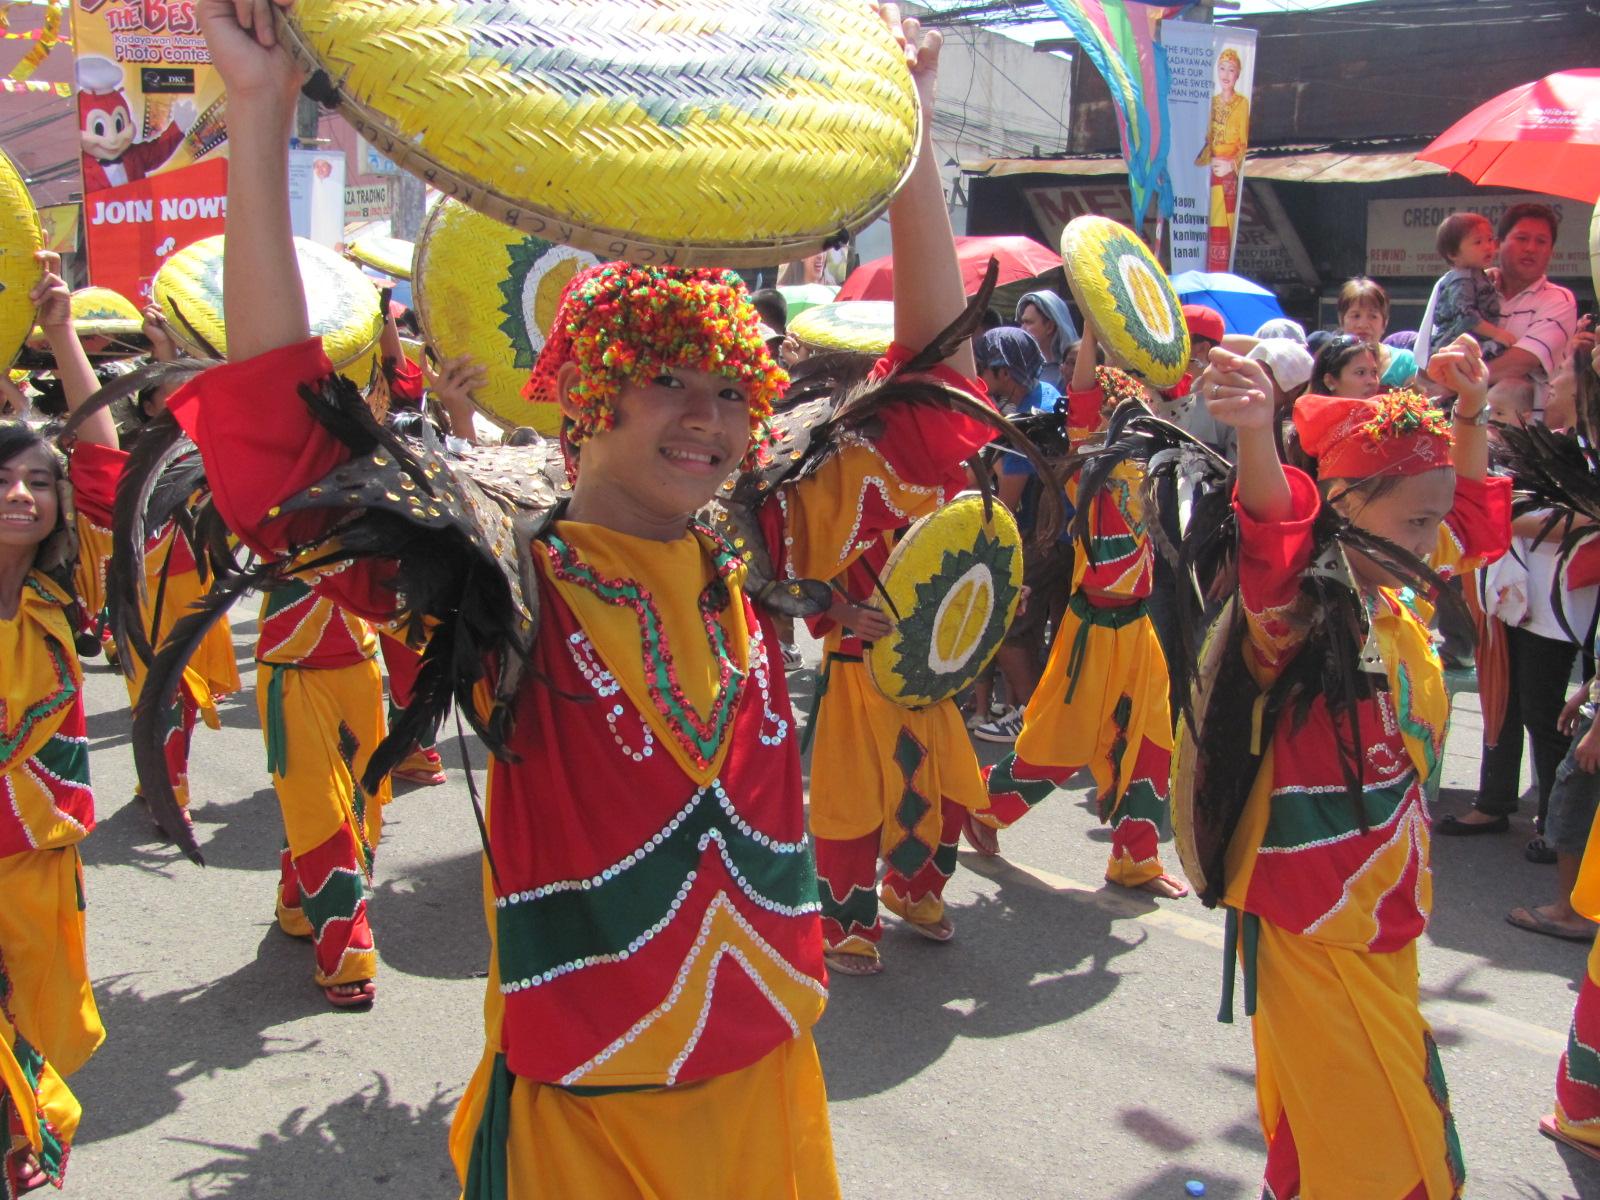 kadayawan 2011 pictures of davao u0026 39 s ethnic costume